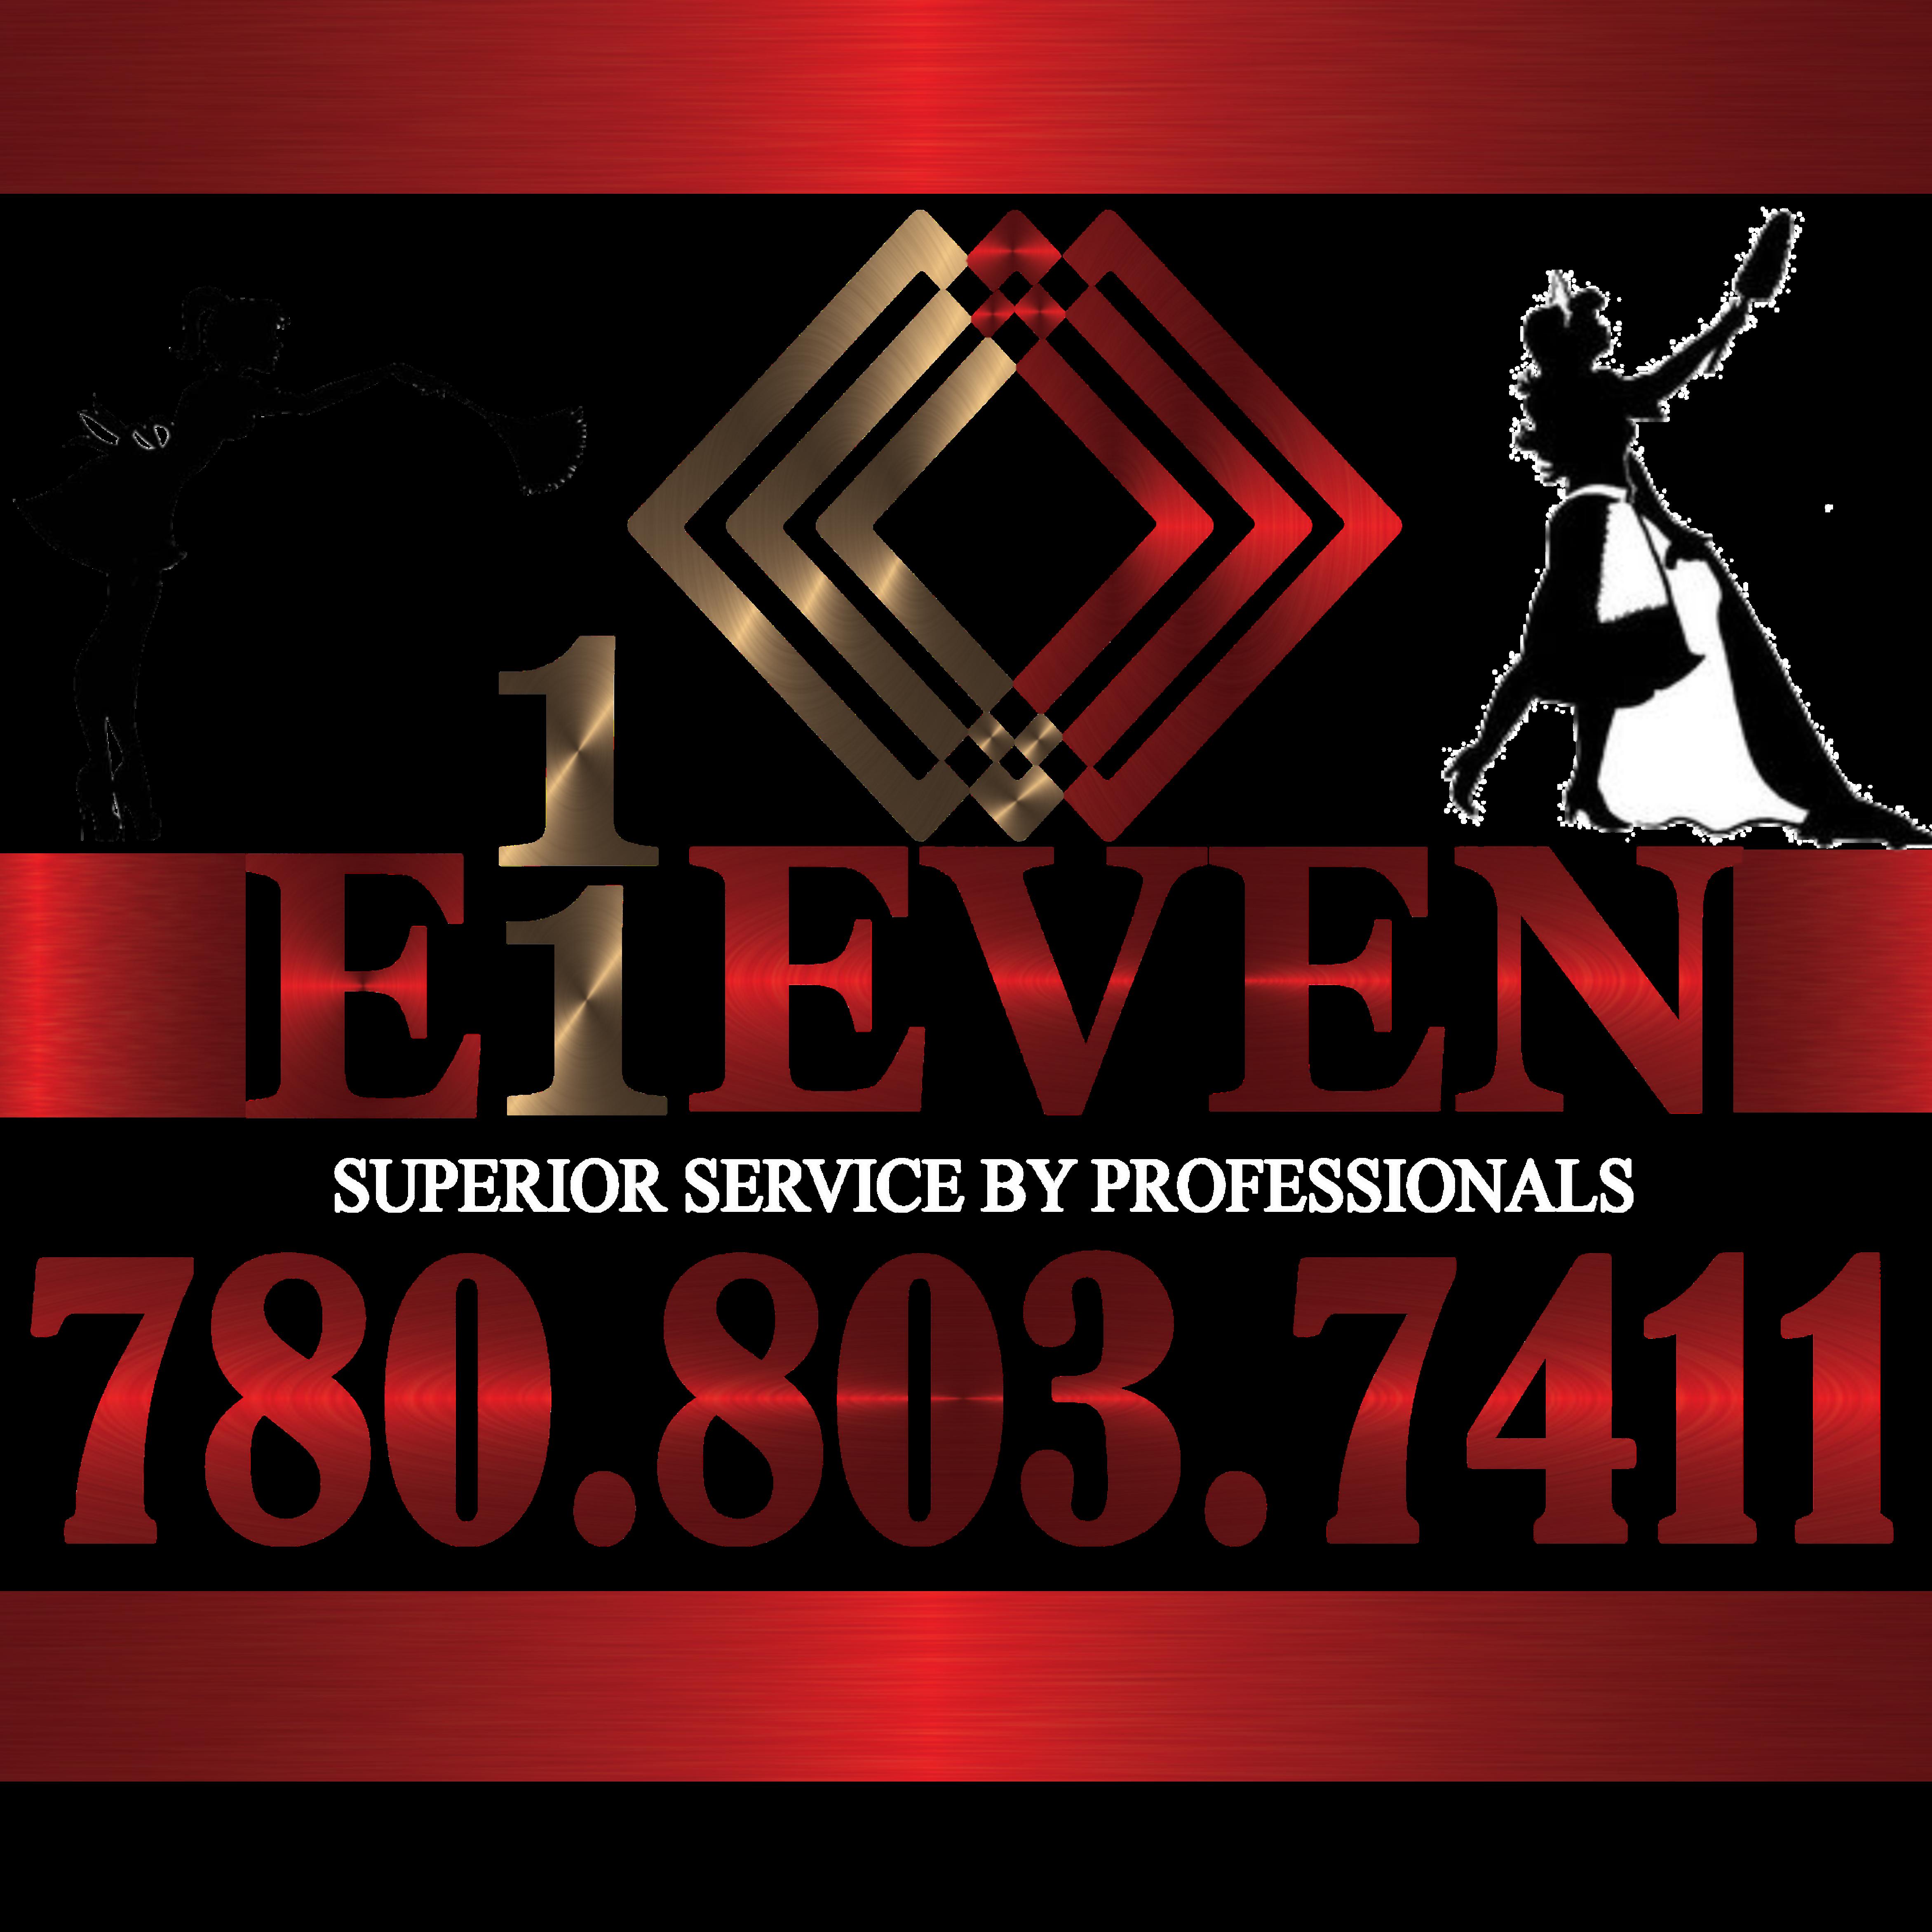 Eleven Step Contractors Inc - Service de conciergerie - 780-803-7411